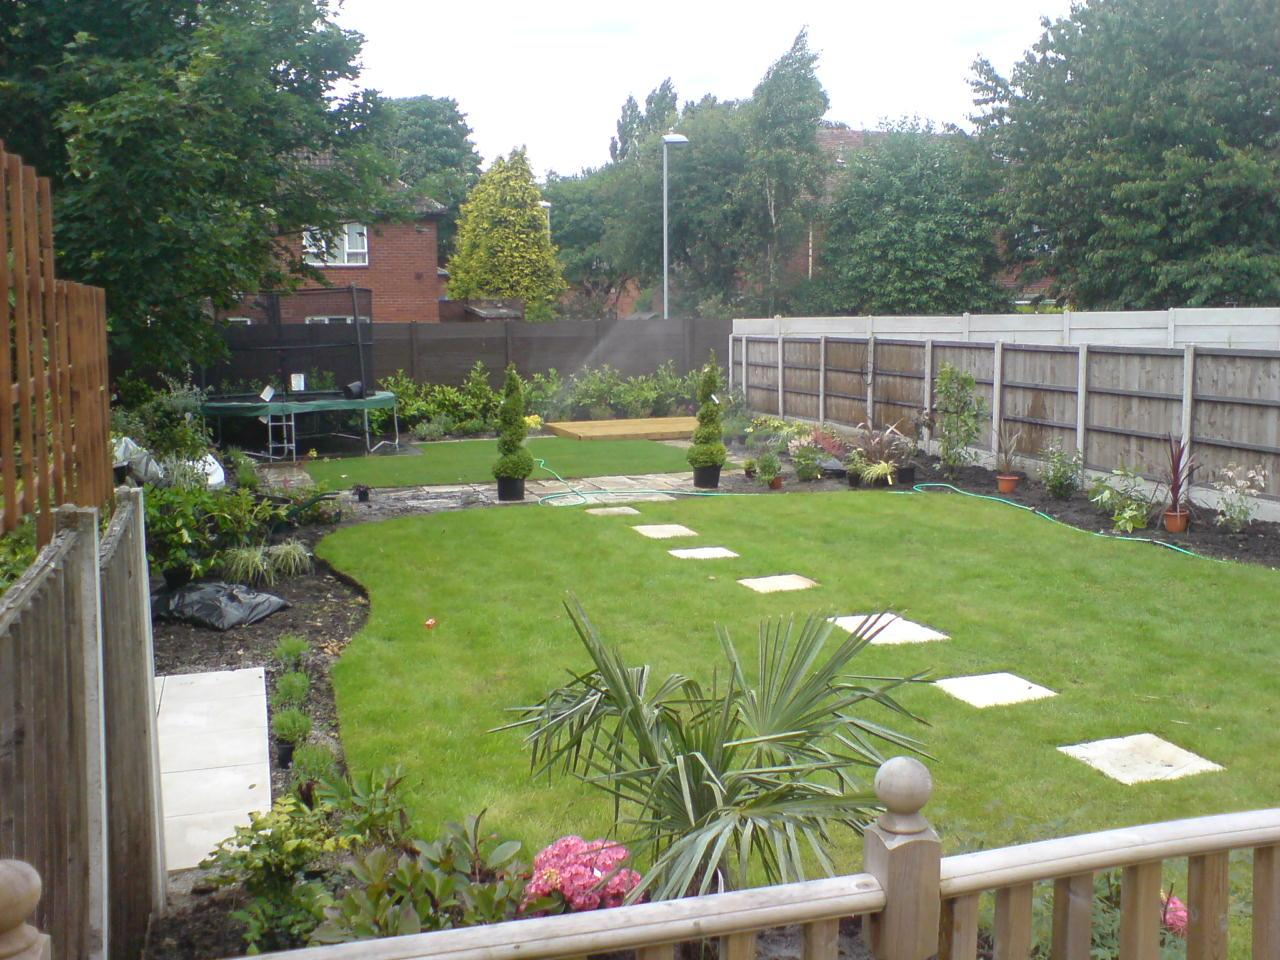 P J Todd Garden u0026 Landscape Services - Landscape Contractors in Manchester M23 0GP - 192.com